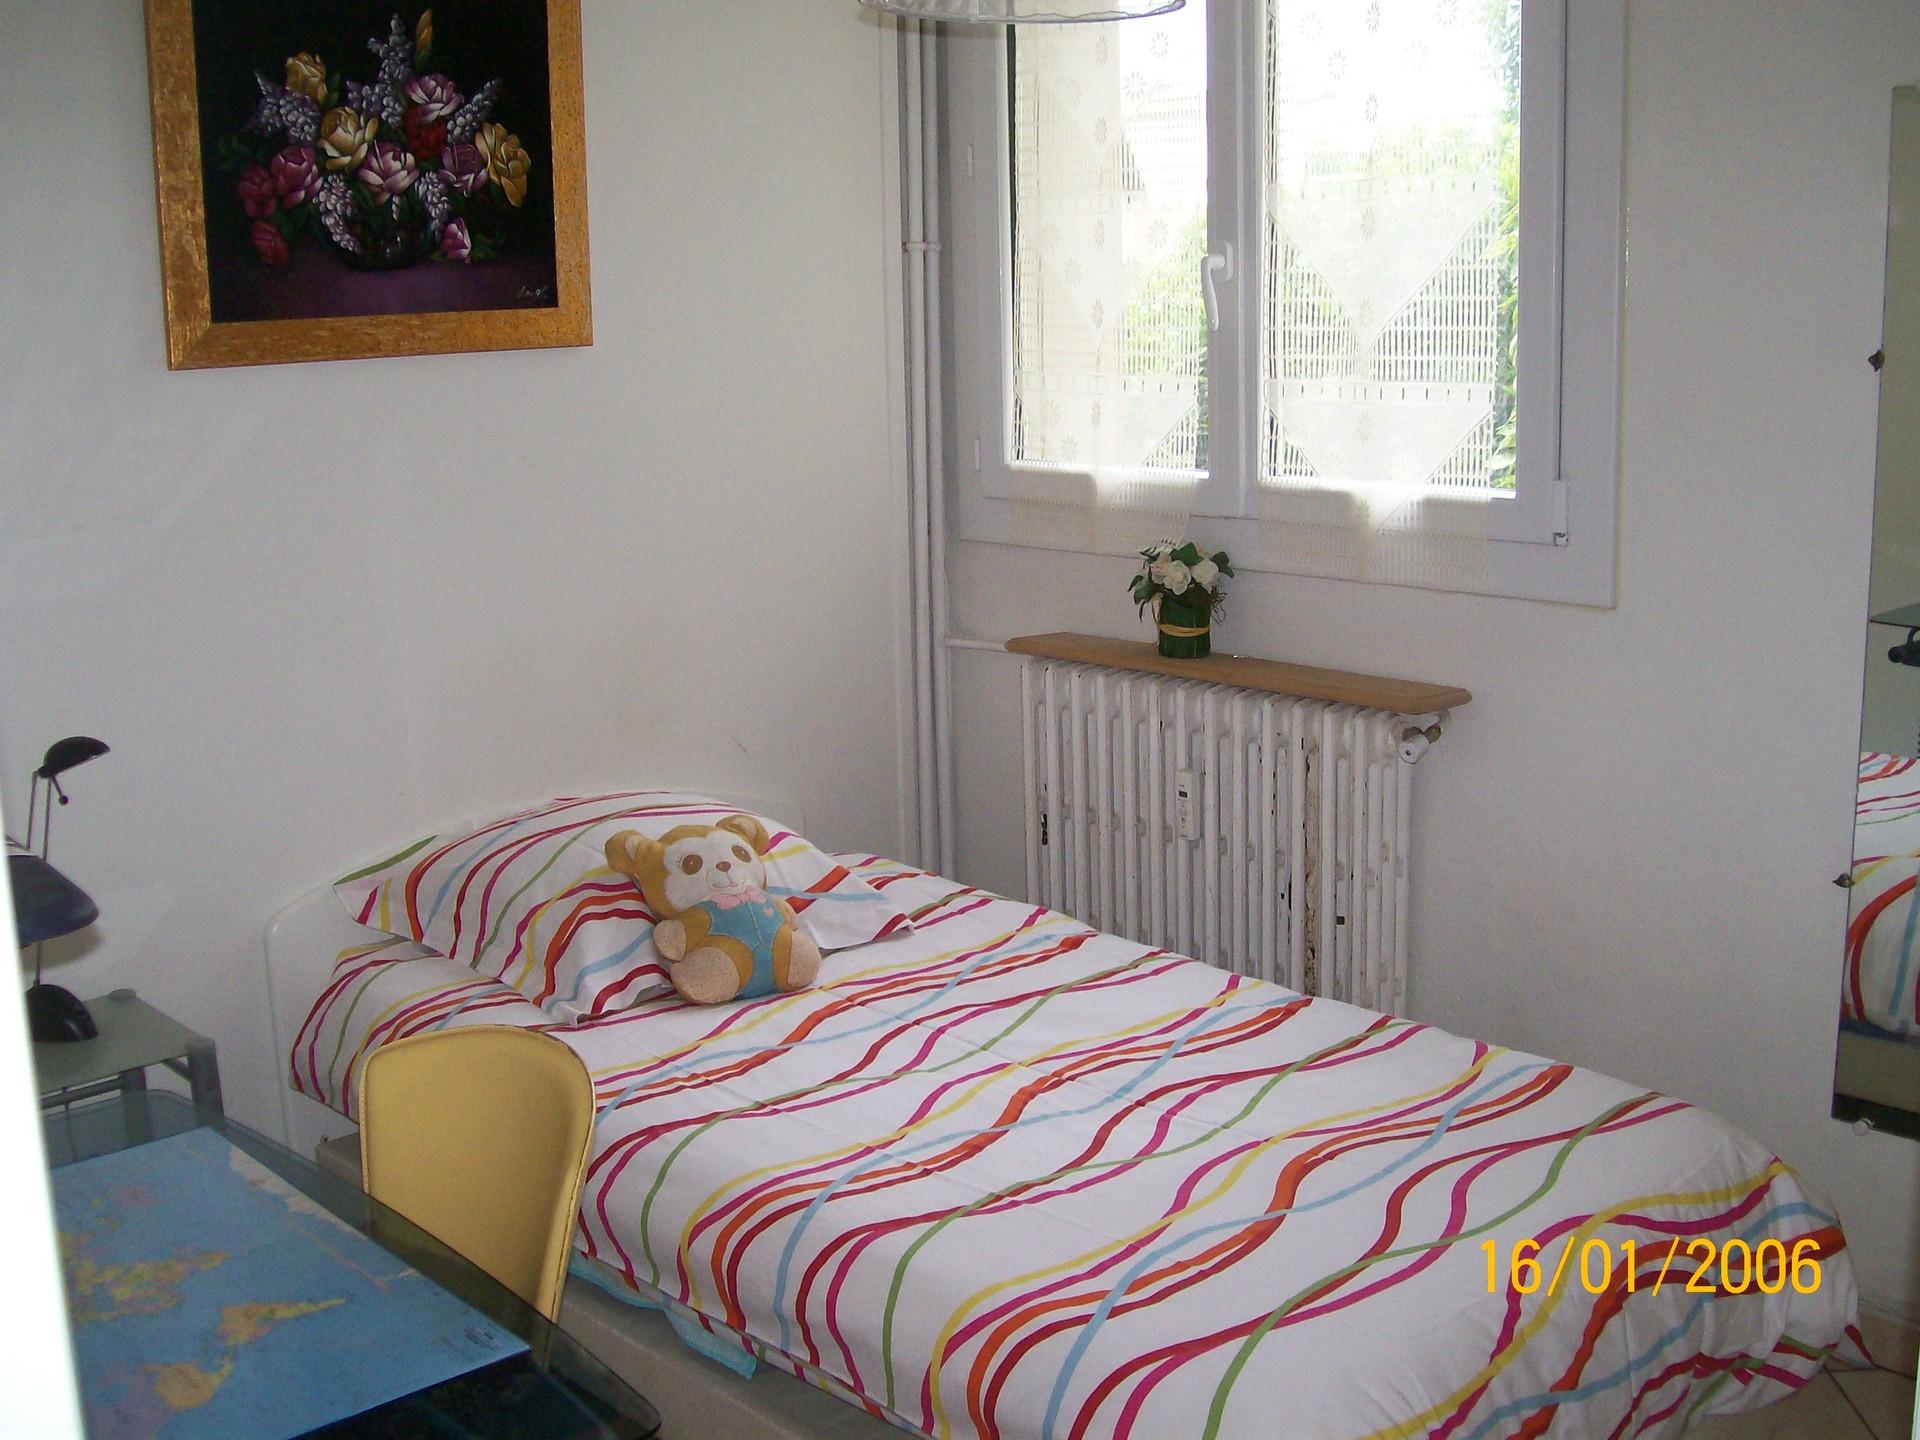 chambre-une-personne-chez-lhabitant-d6571d0253efa72785b7fa2f8d0dde85